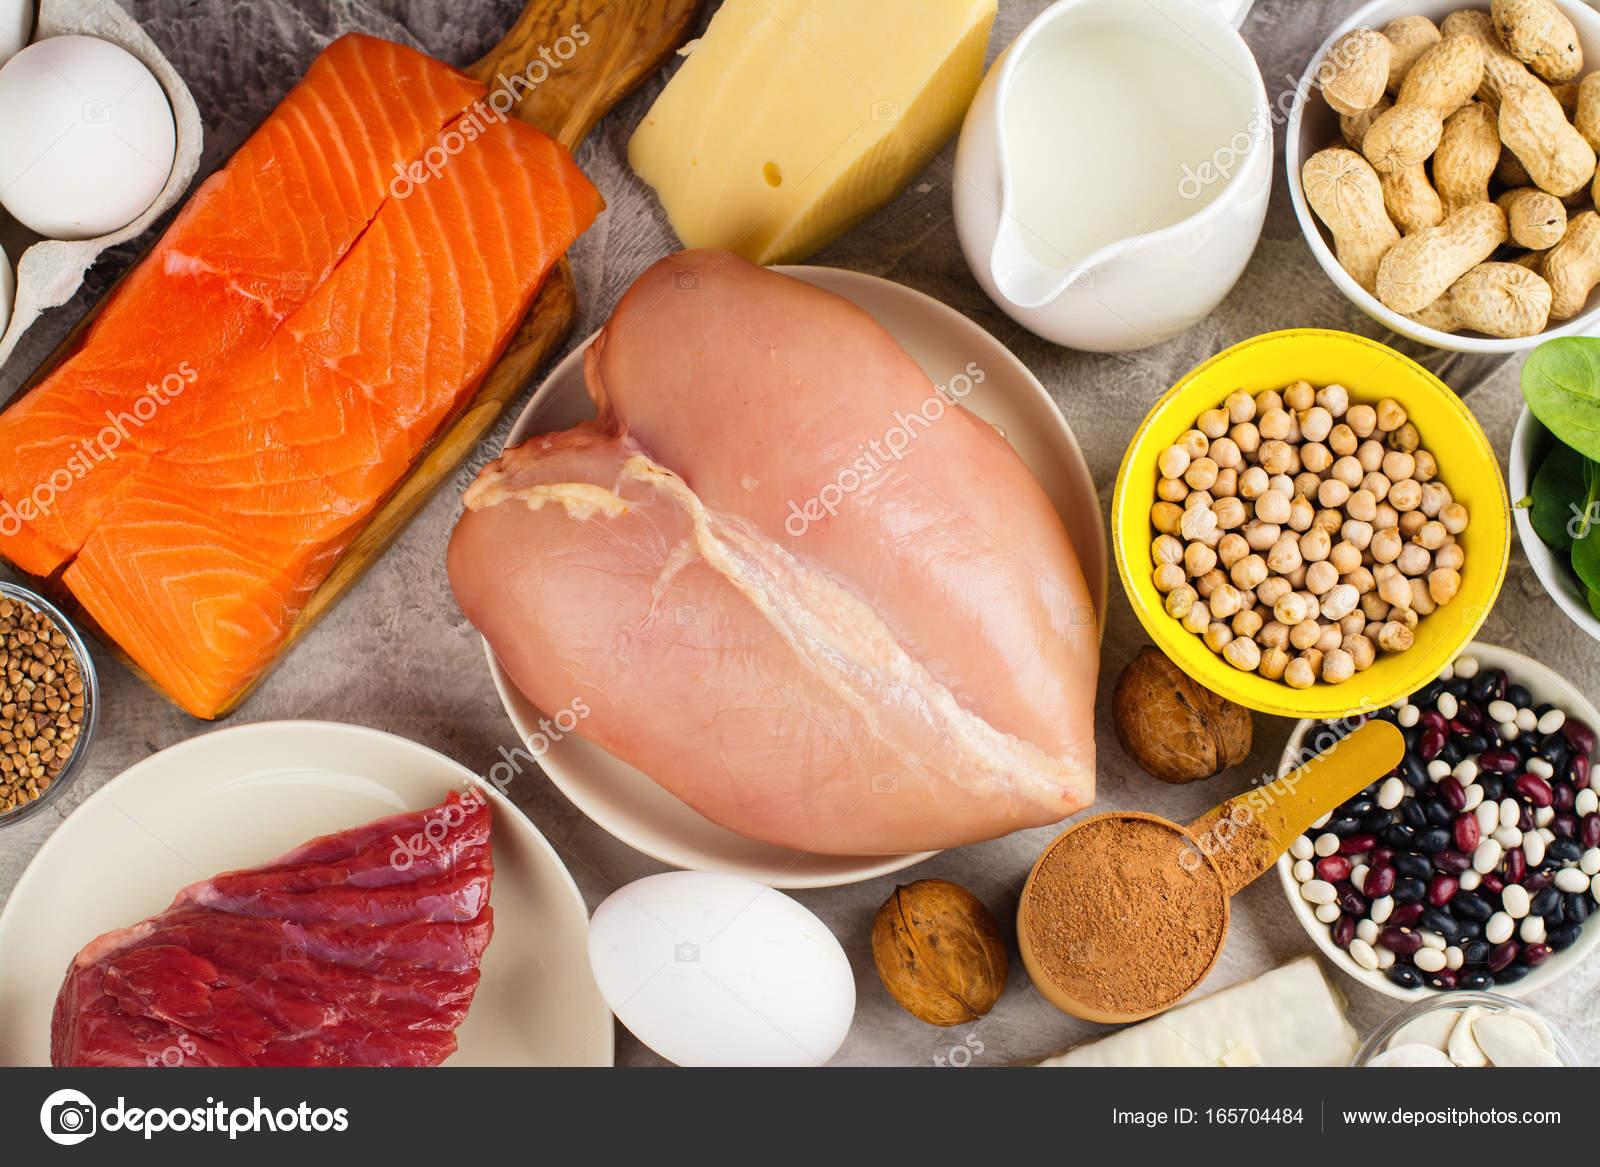 rijk aan eiwitten